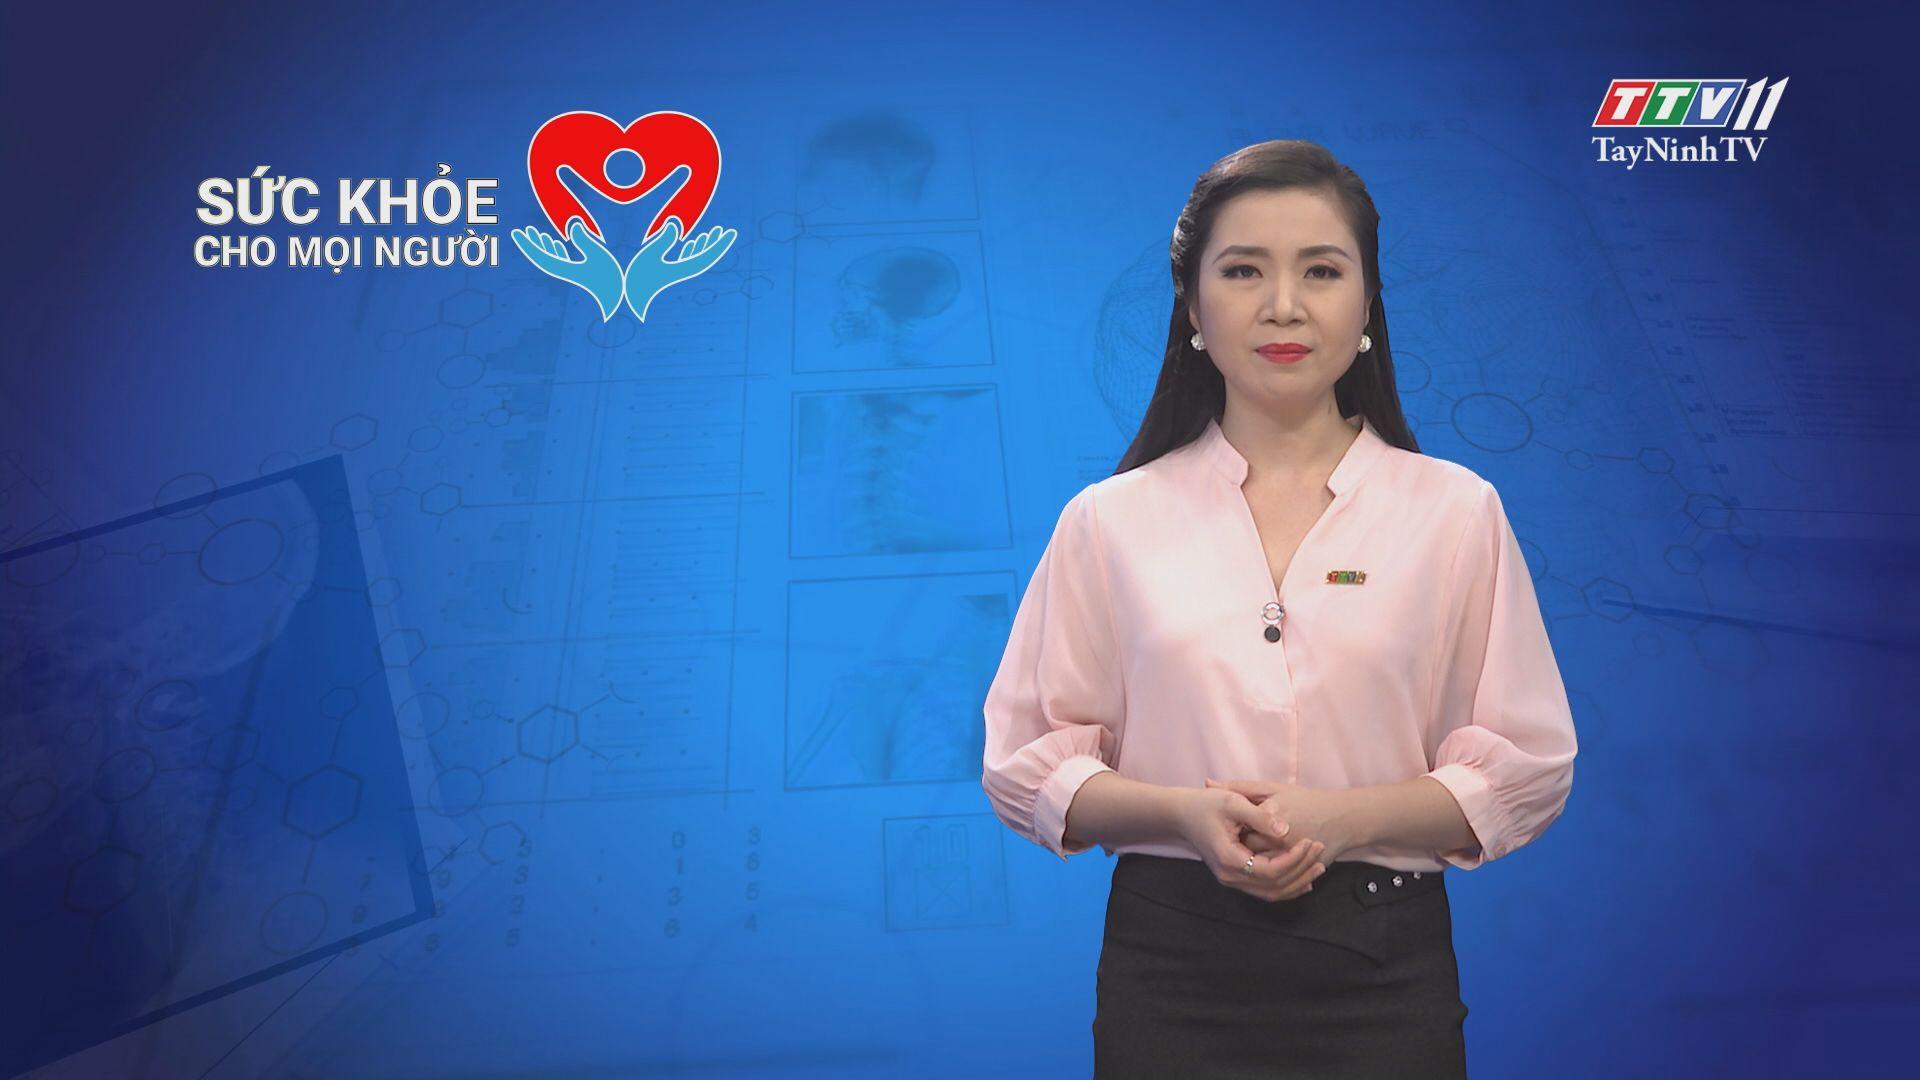 Đảm bảo an toàn thực phẩm trong các trường mầm non | SỨC KHỎE CHO MỌI NGƯỜI | TayNinhTV